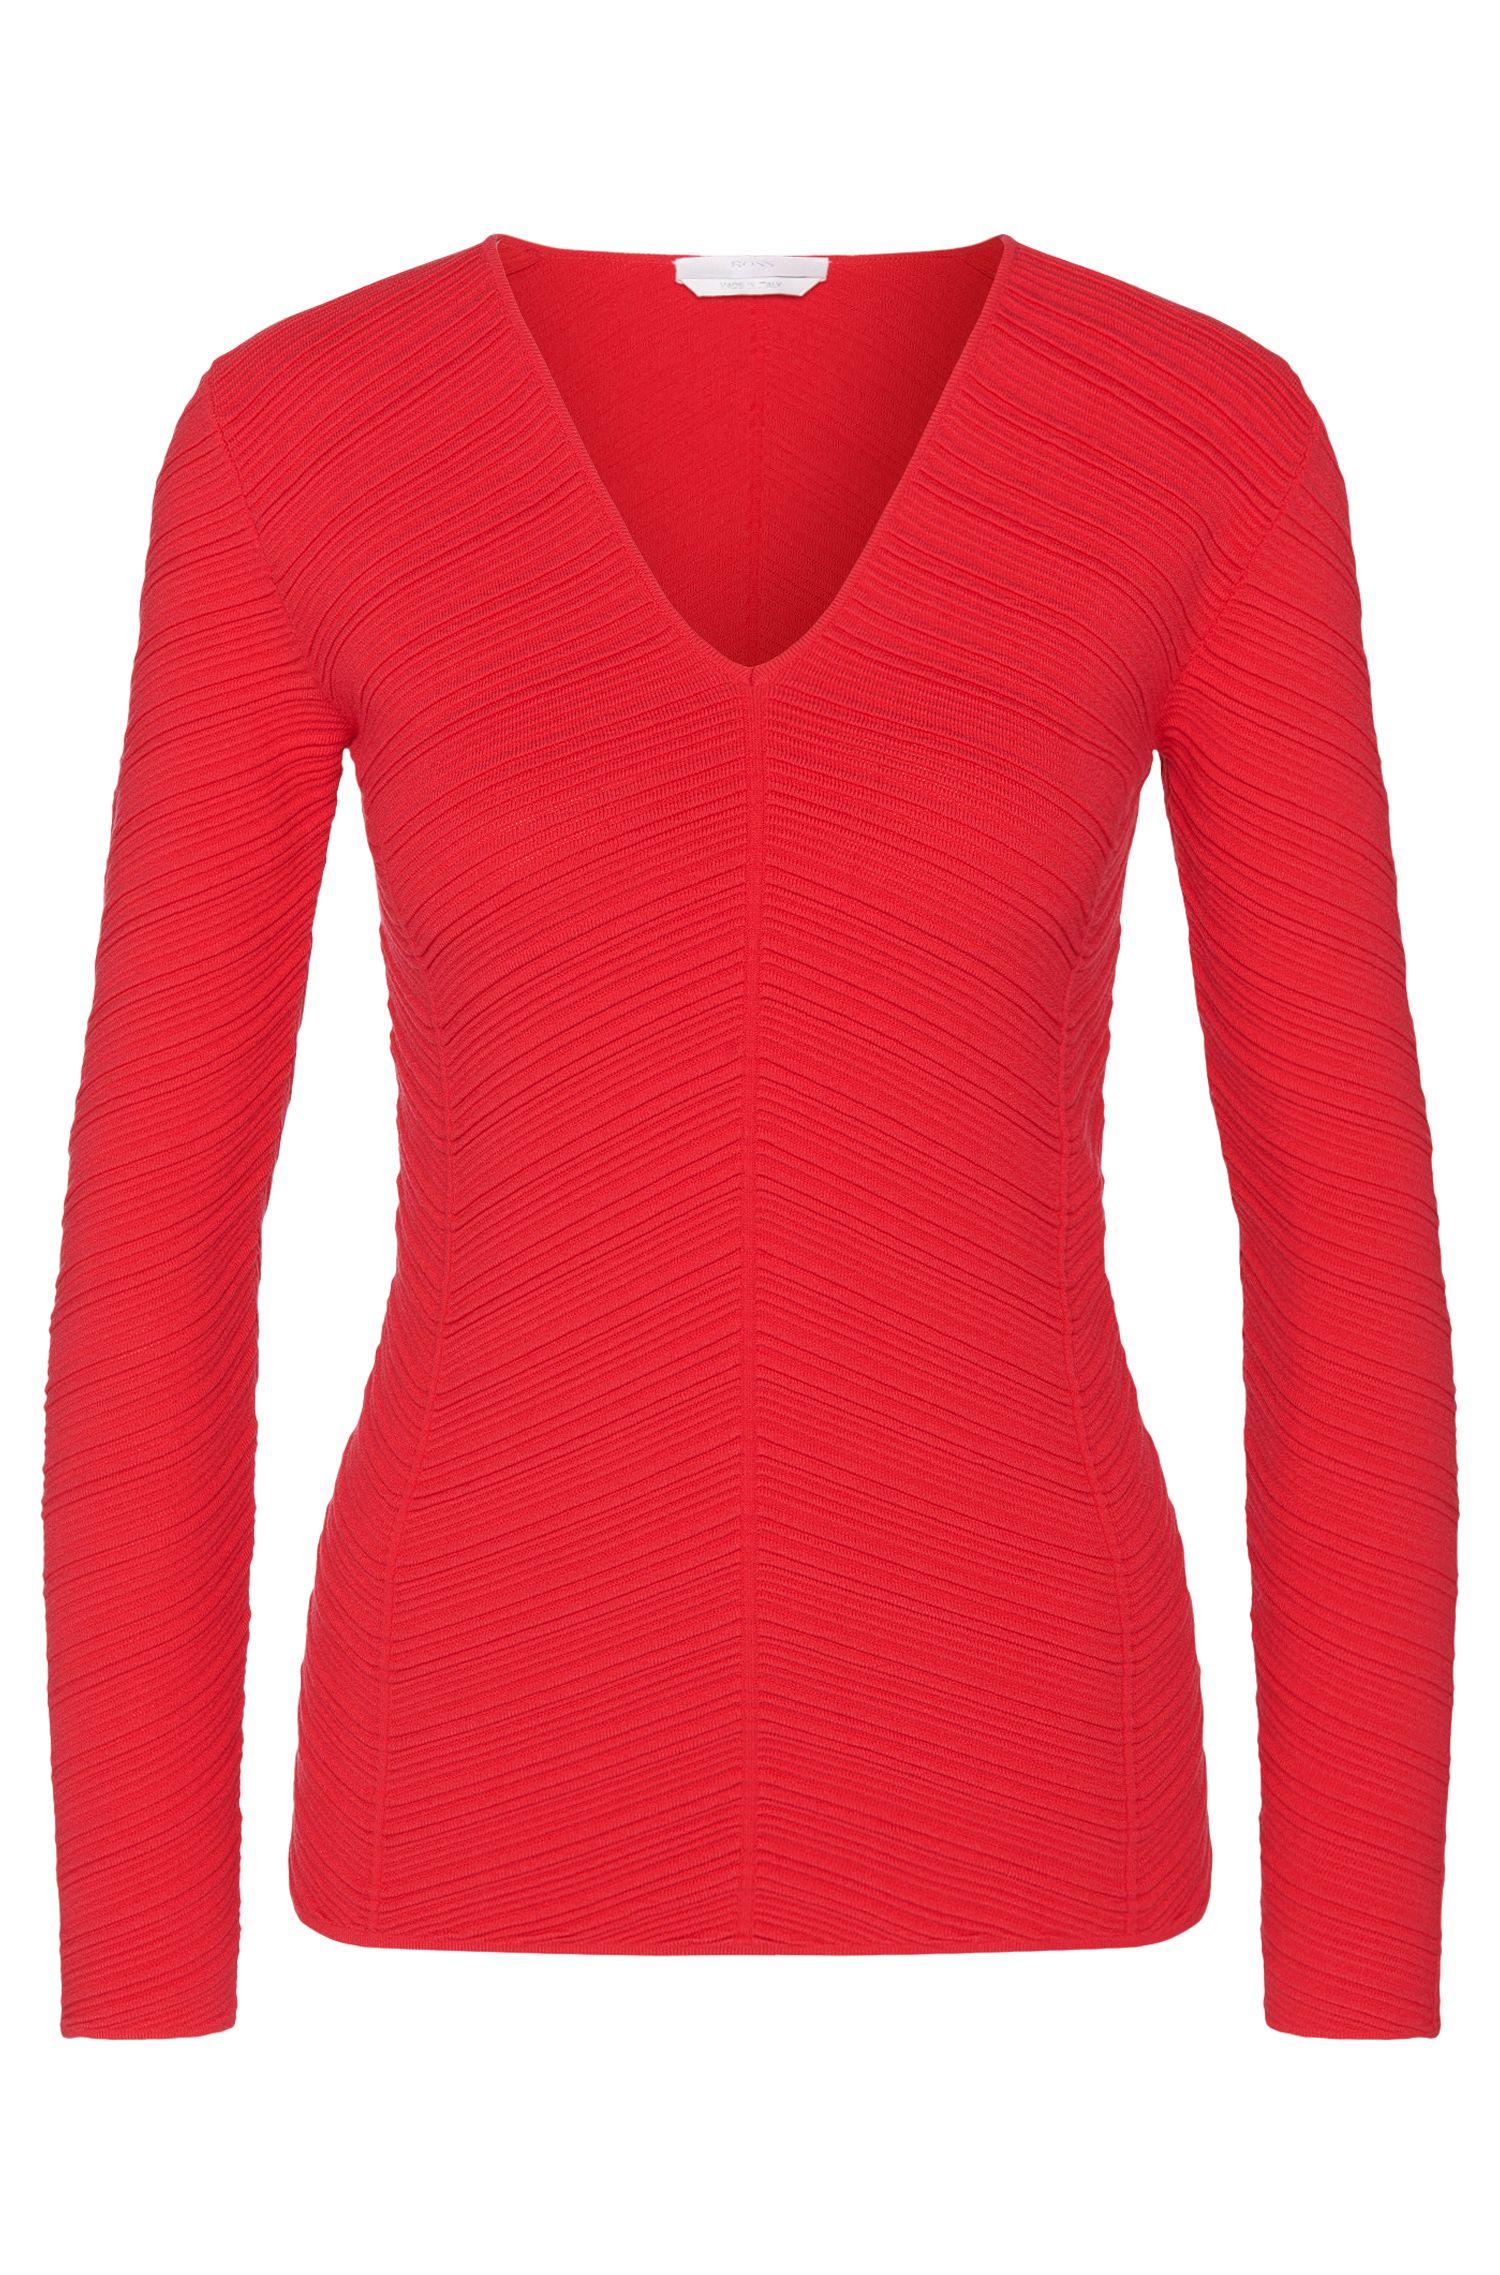 Ottoman V-Neck Sweater | Faizah